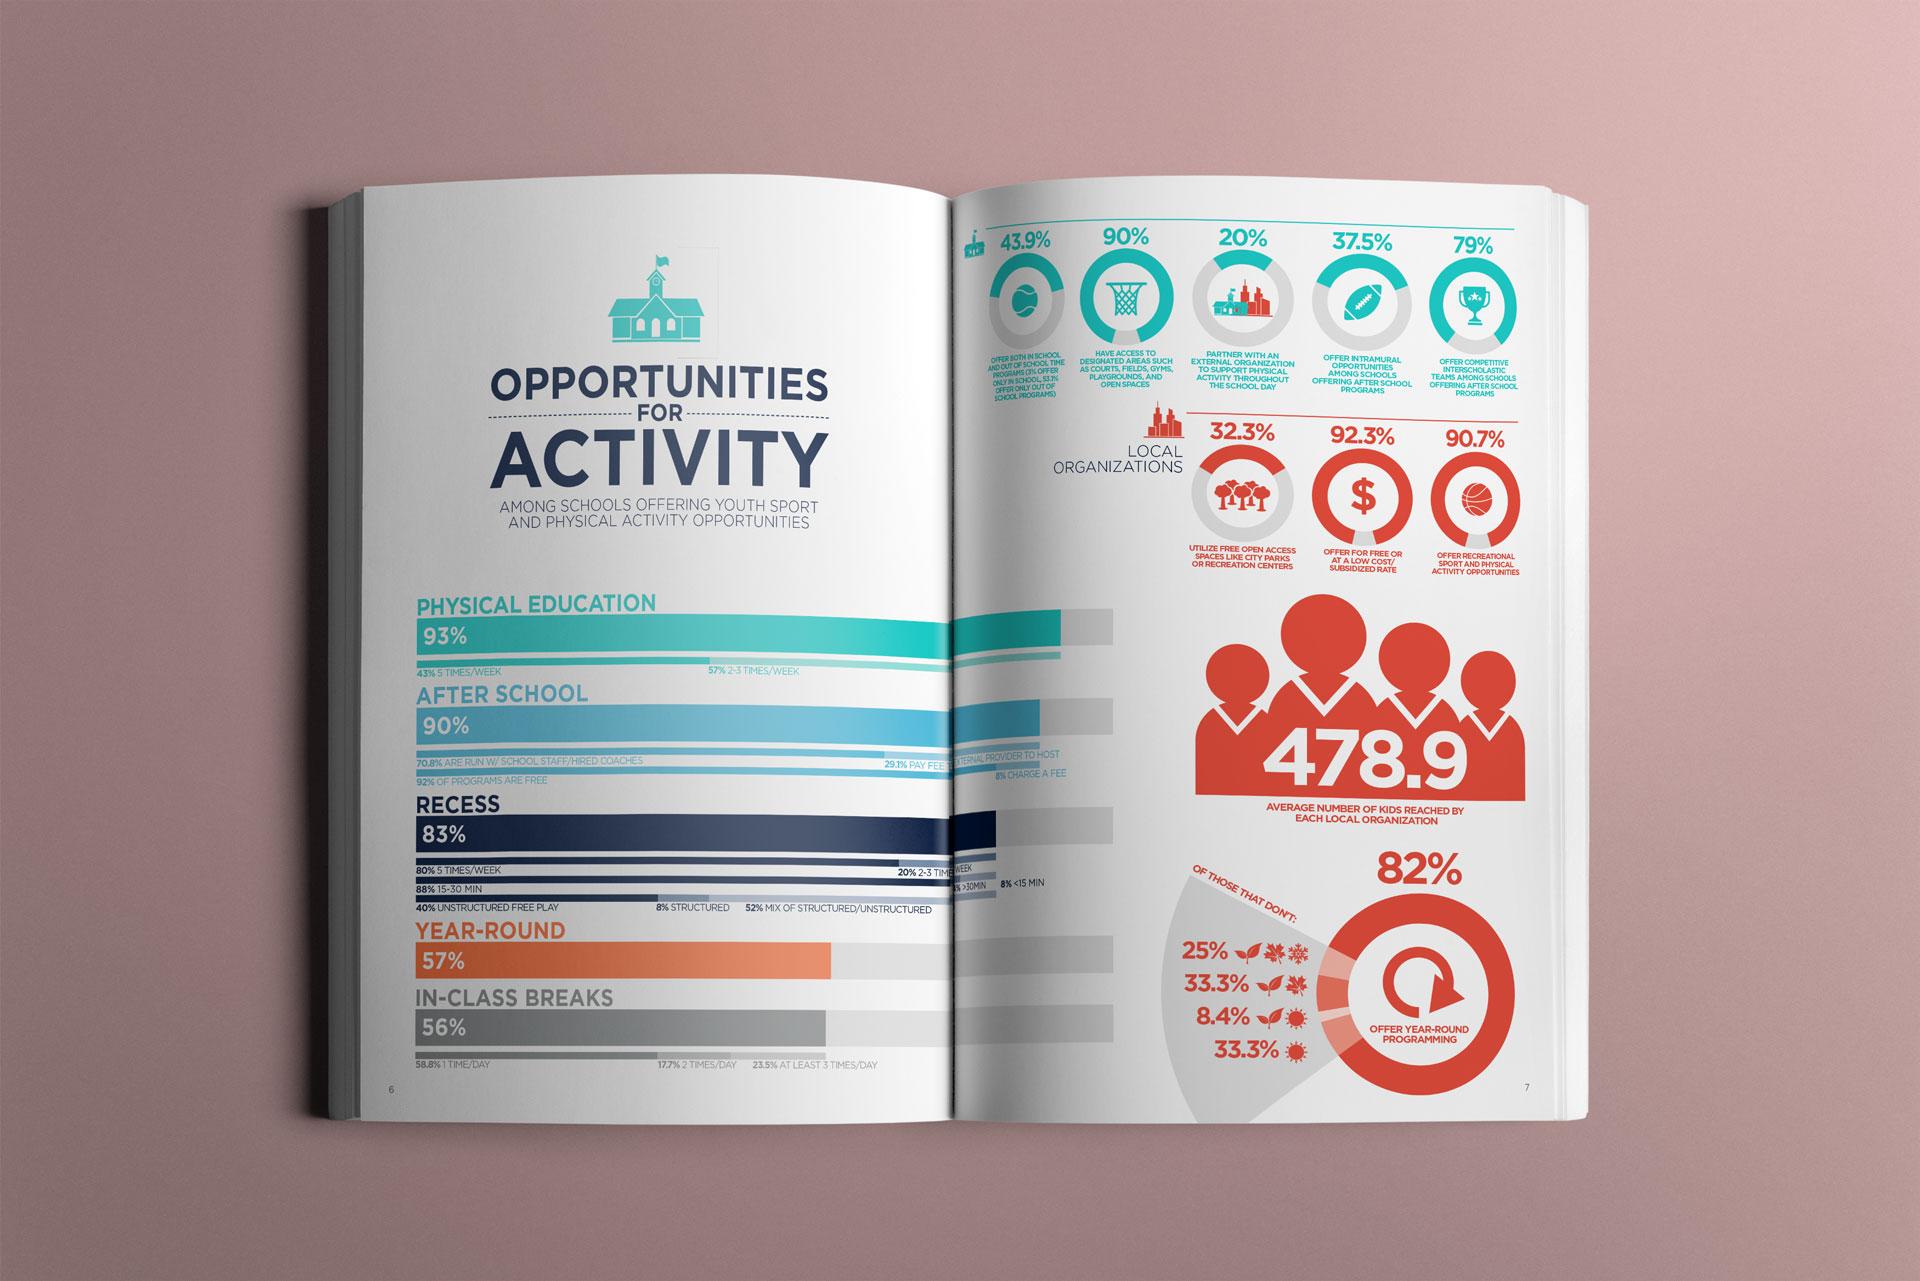 Laureus_NewOrleans-report-spread2.jpg